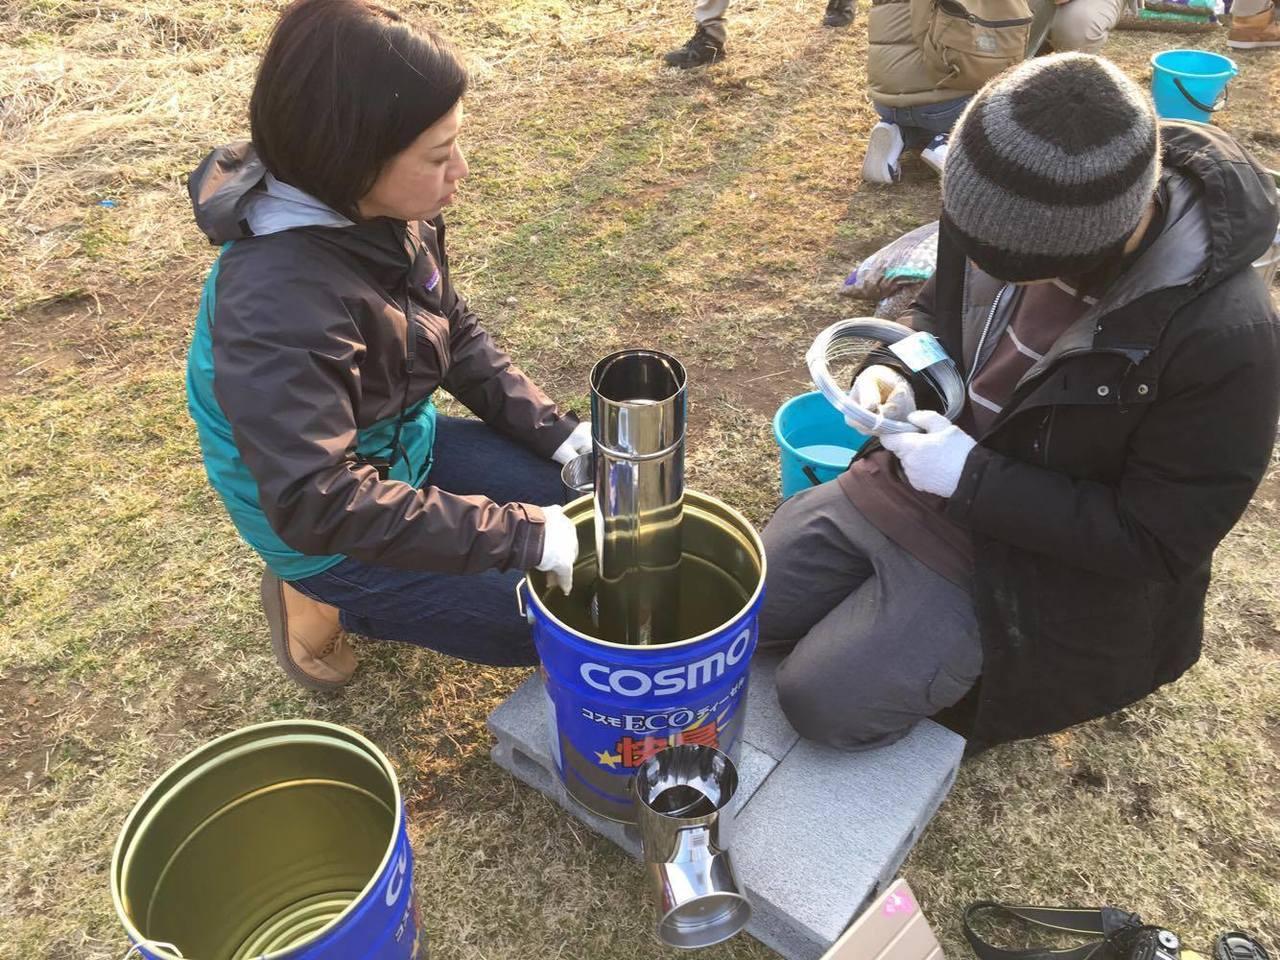 ペール缶でロケットストーブ作り〜災害にも野外にも役立つ自作ストーブを手に入れよう〜